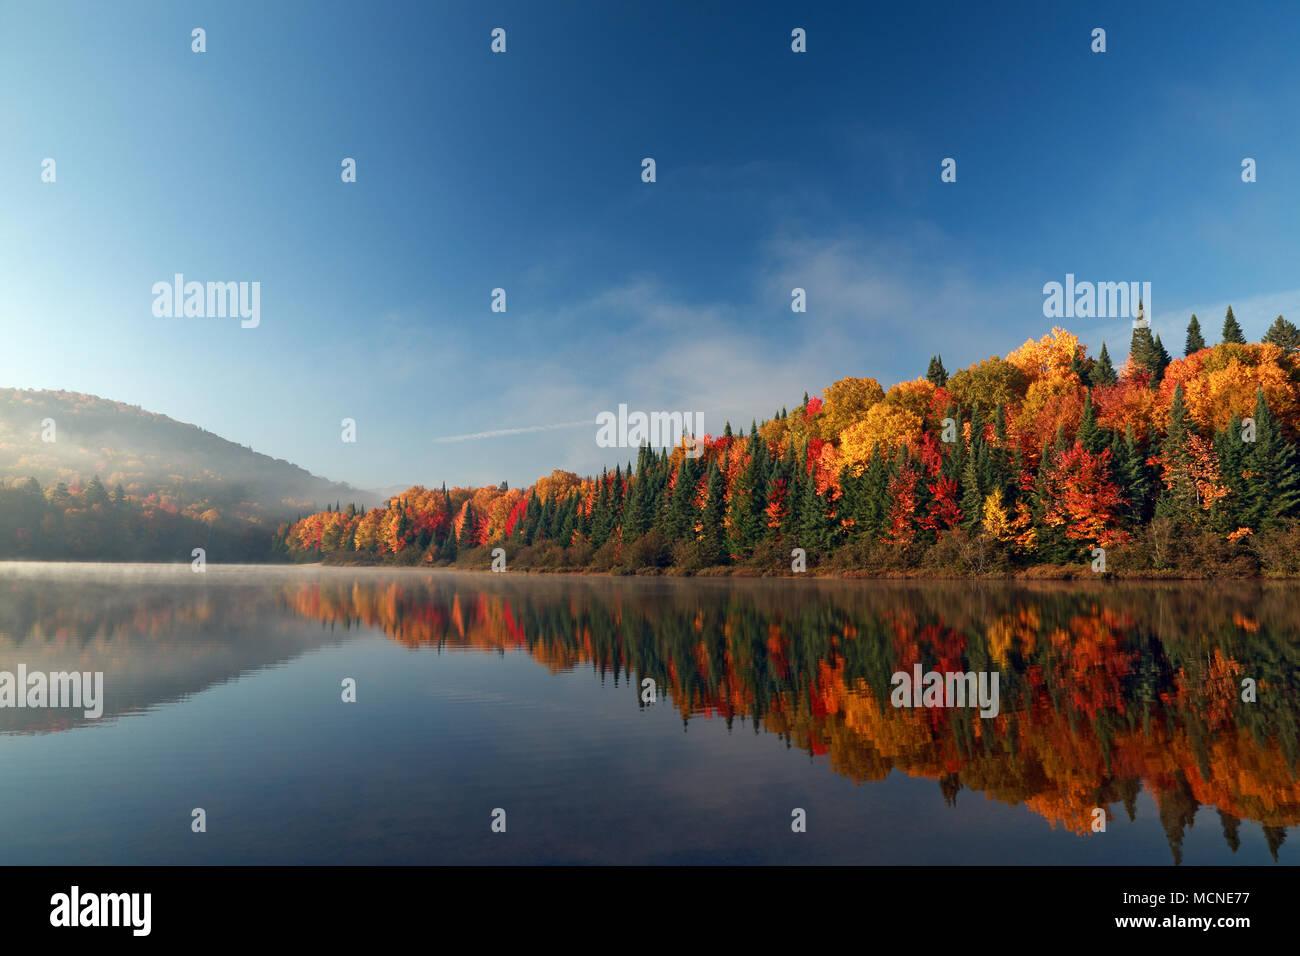 Sunrise Herbst Wald Im Wasser Spiegelt Nationalpark Mont Tremblant